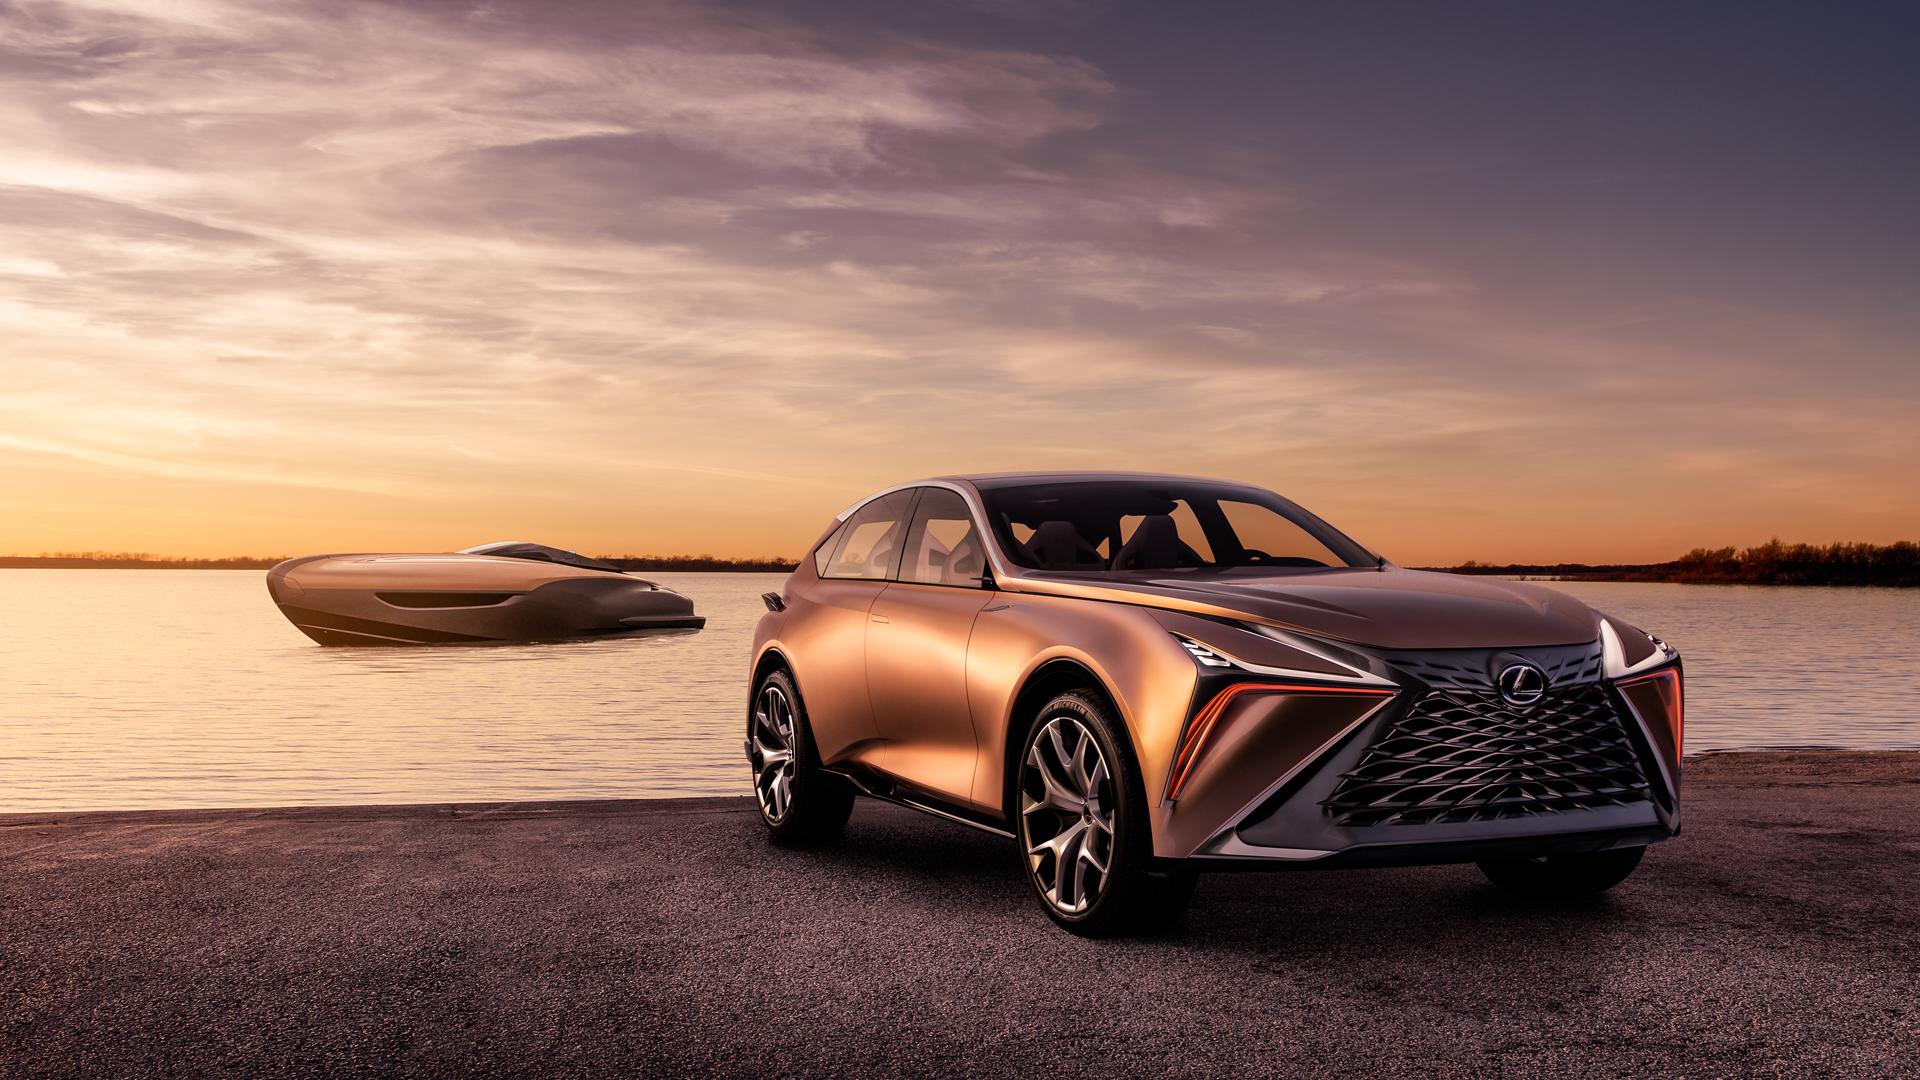 Le concept de yacht de sport Lexus remporte le prix spécial au salon nautique international du Japon